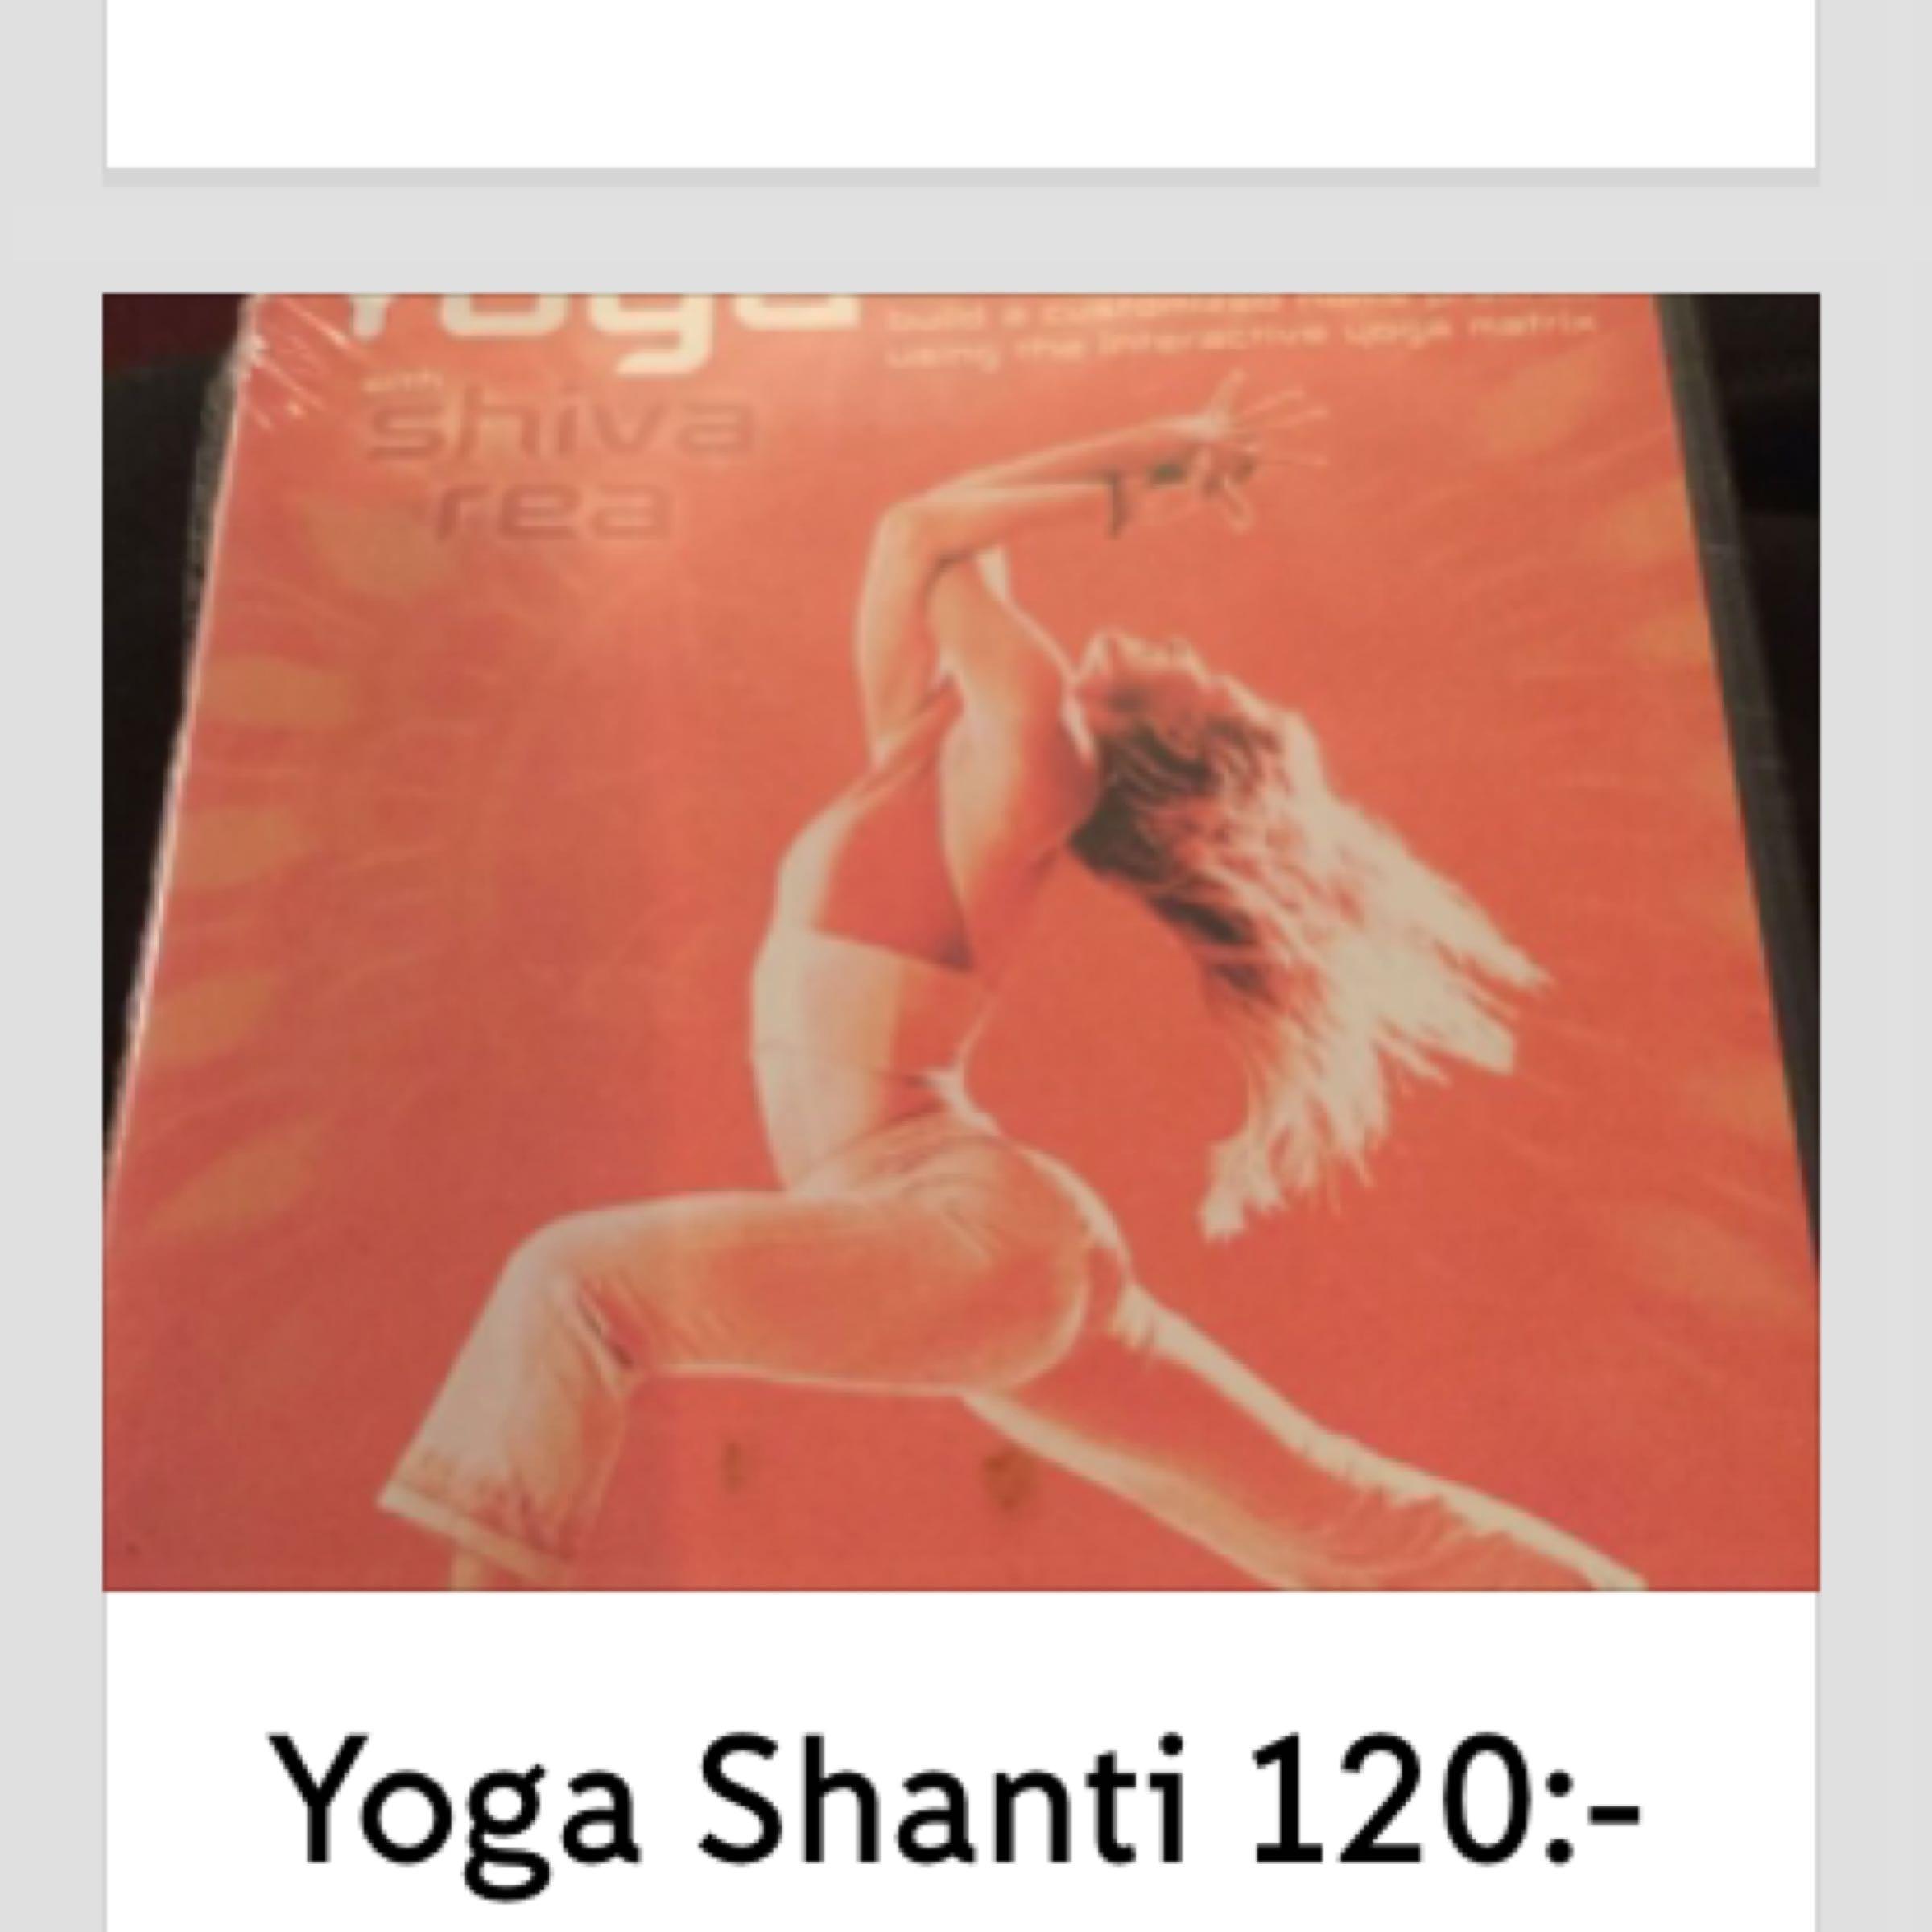 Dvd Yoga Shakti 120:-